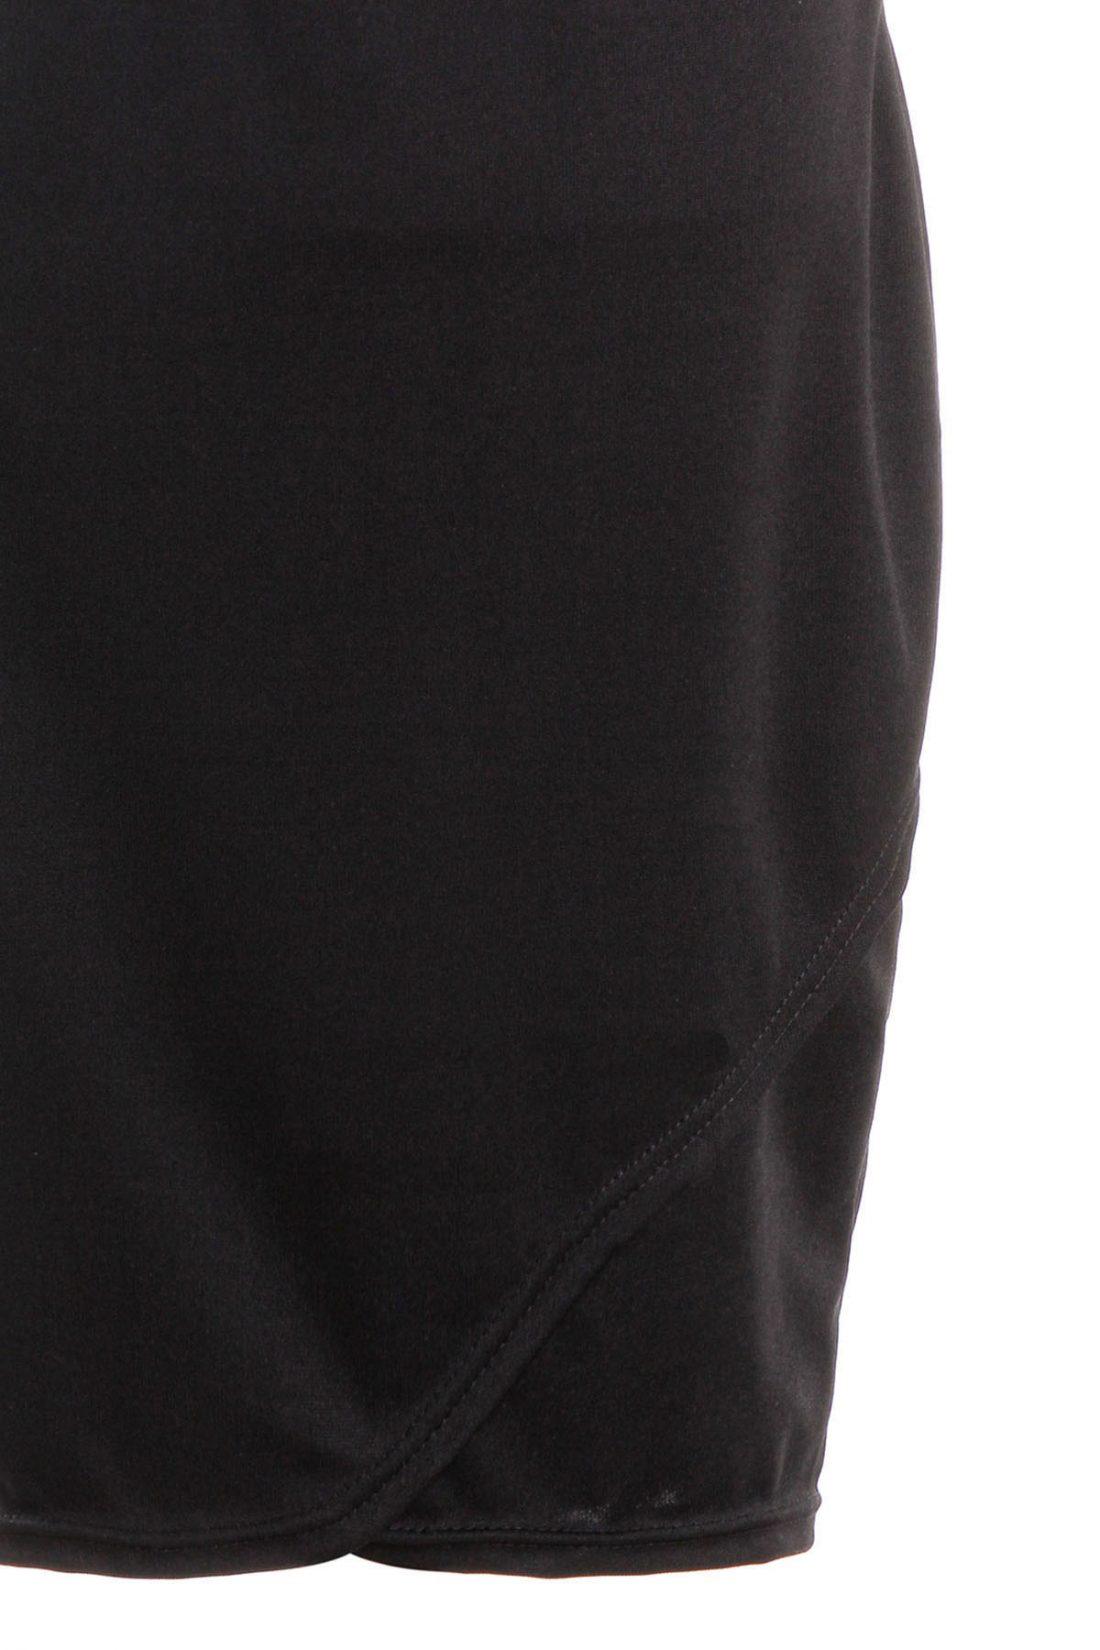 M0157 blackwhite4 Office Evening Dresses maureens.com boutique